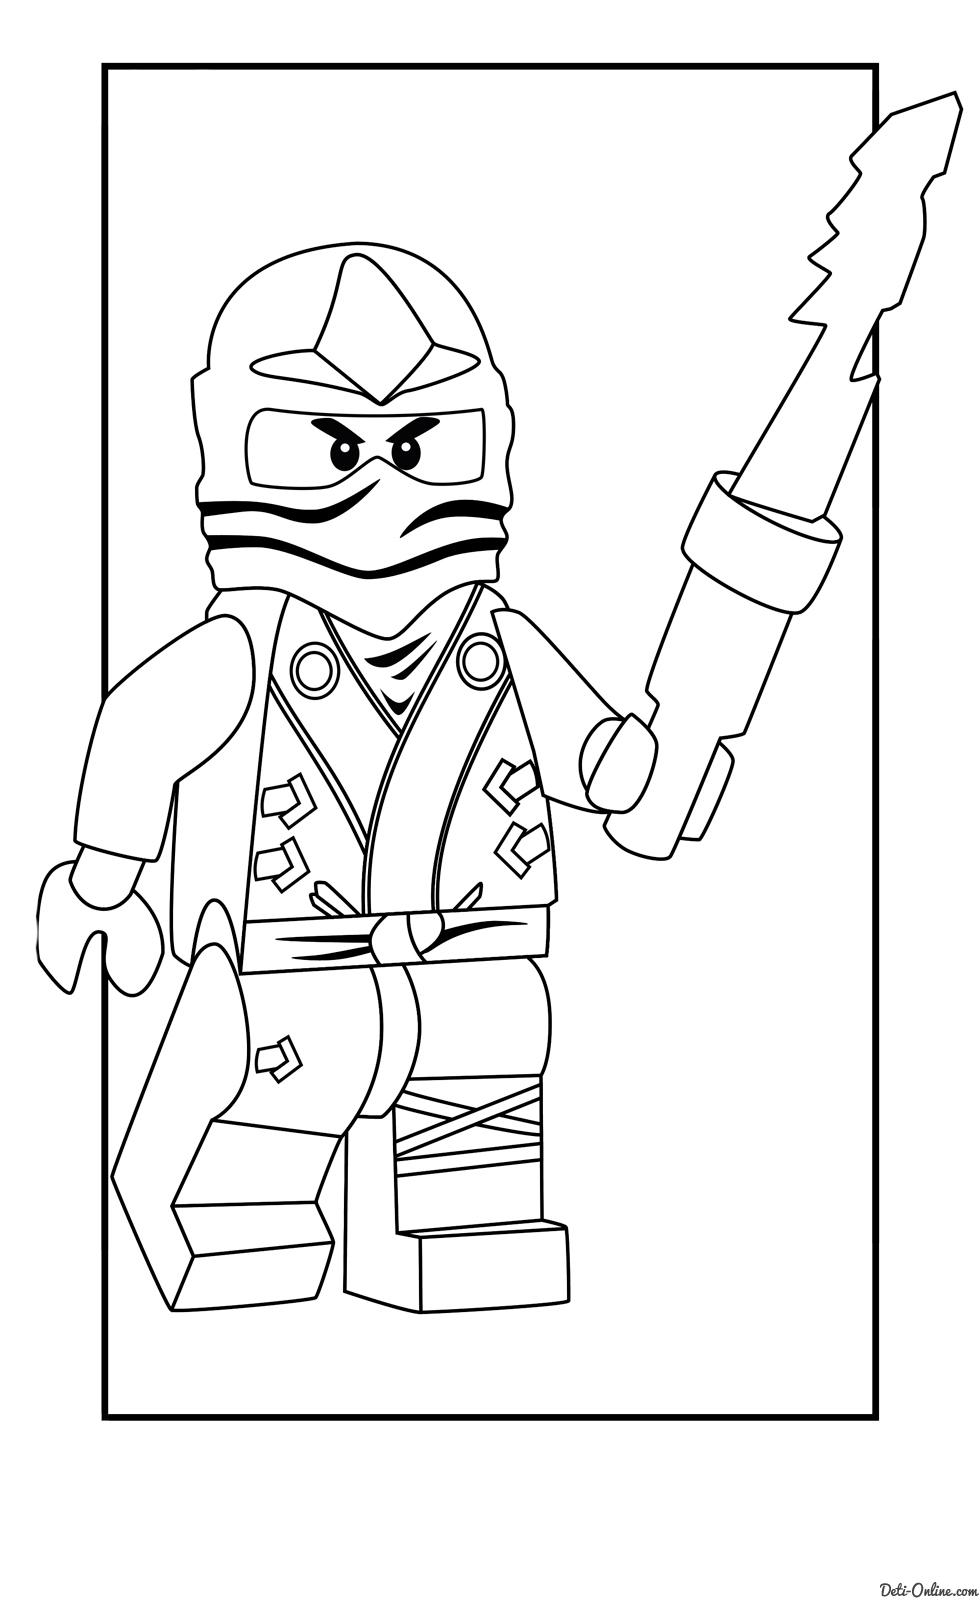 Самурай лего с мечом Раскраски для мальчиков бесплатно